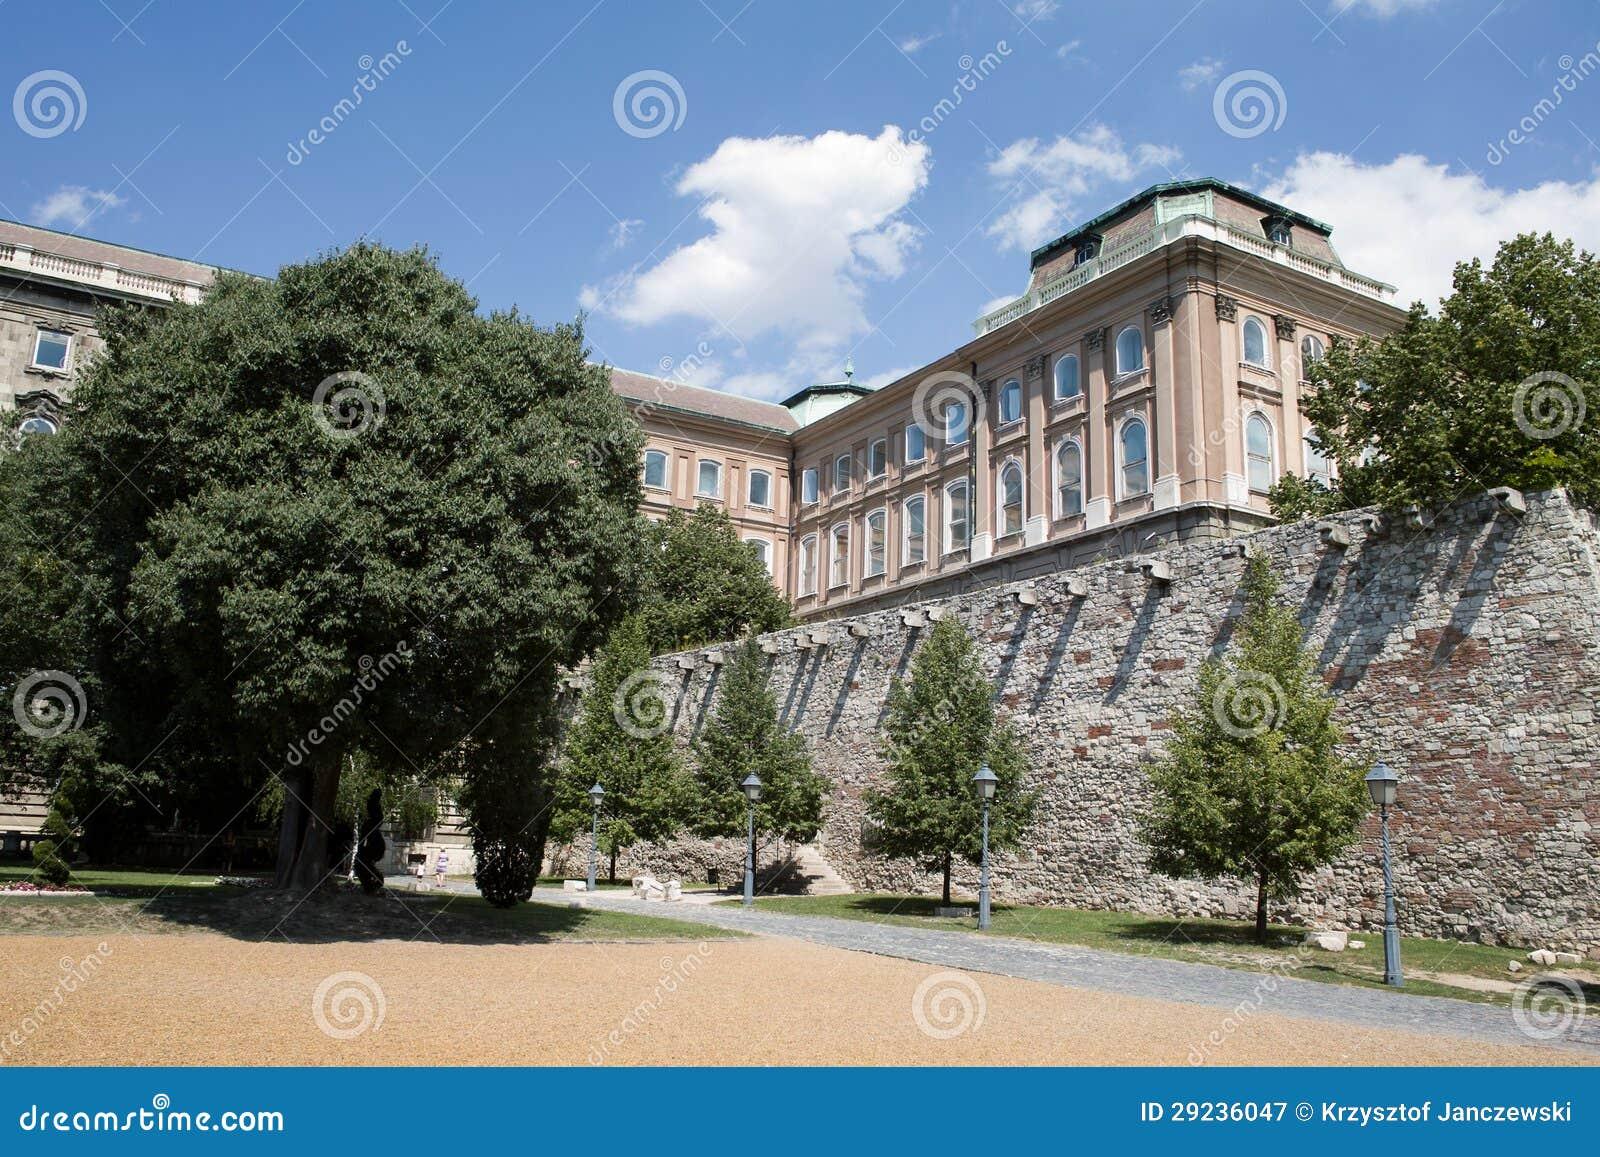 Download Detalhe do castelo em Buda imagem de stock. Imagem de feriado - 29236047